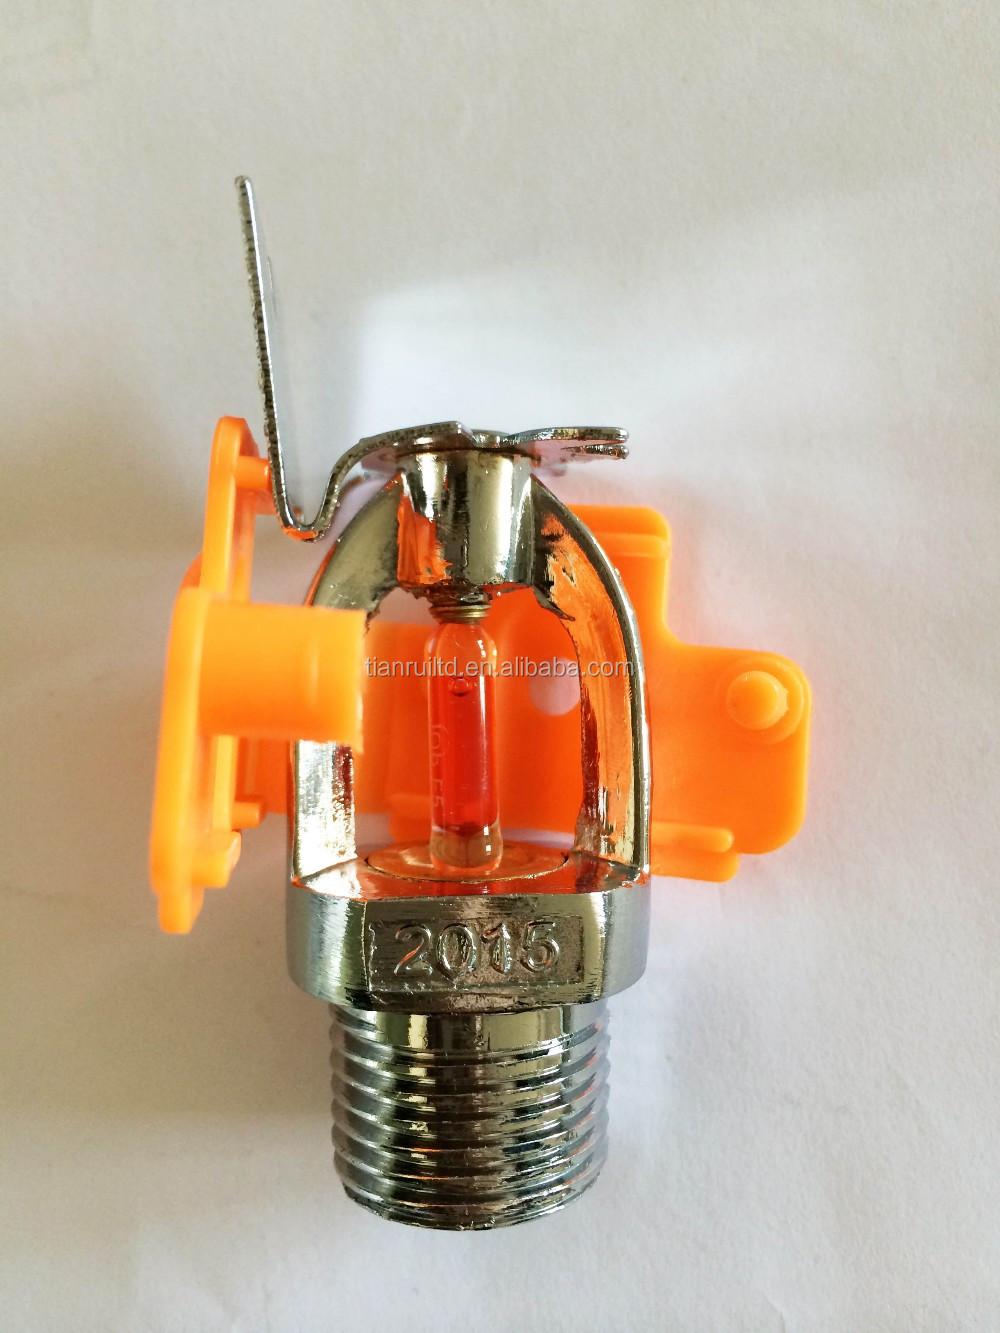 Plastic Orange Protective Cover For Fire Sprinkler Buy